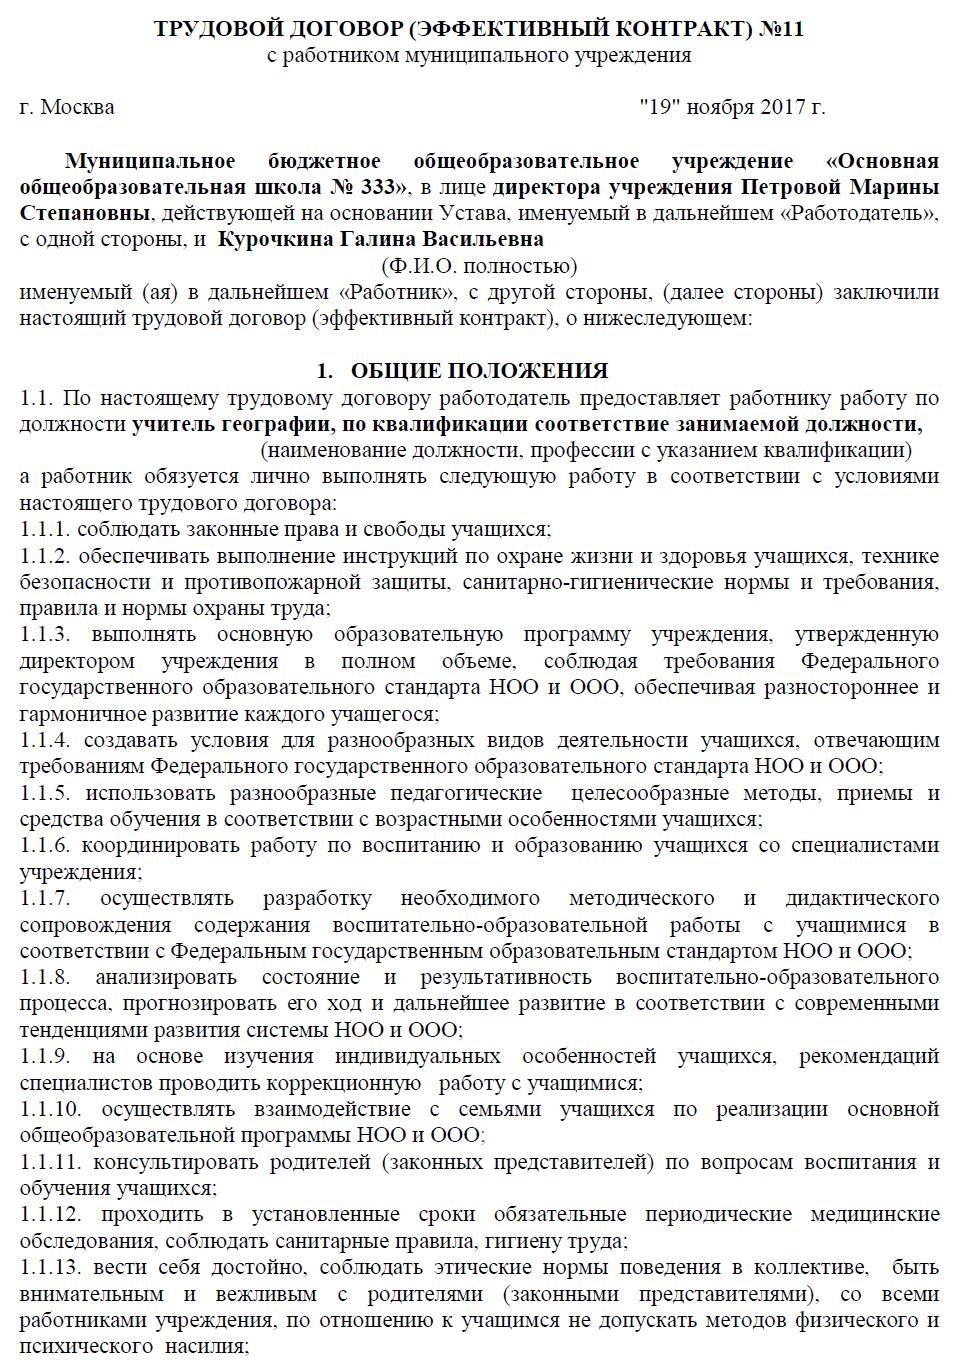 Статья 228 часть 2 ук рф будет ли какое нибудь снижение срока в амнистии